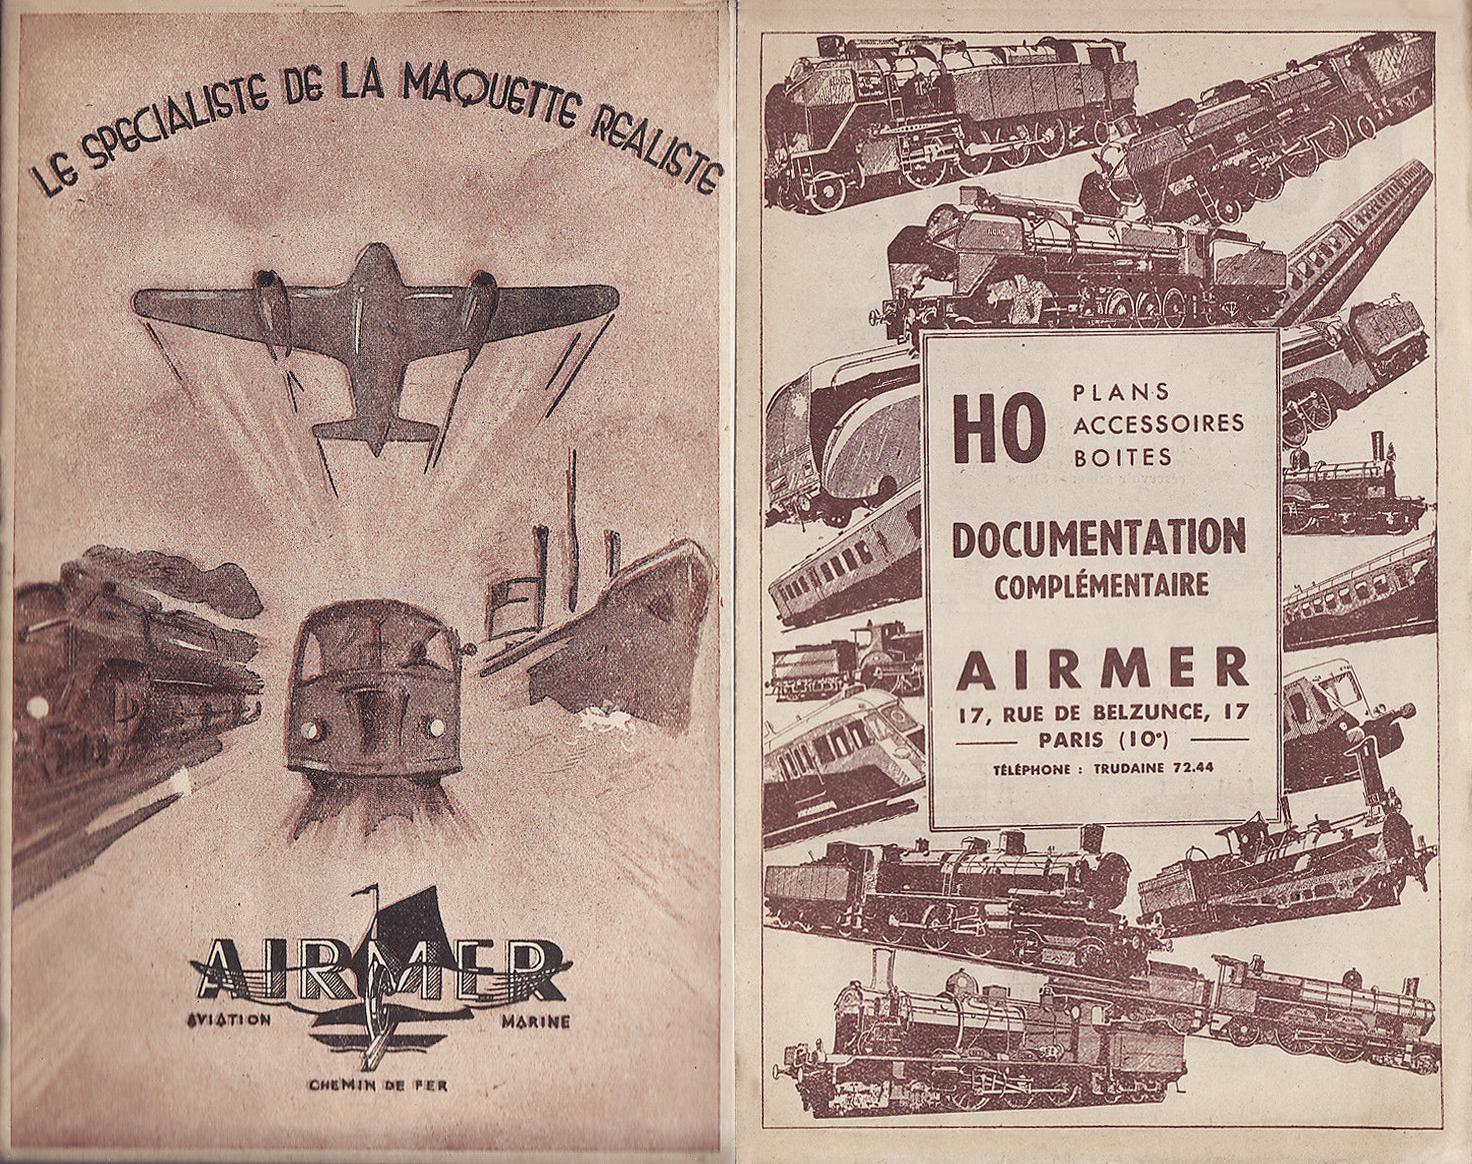 """Ancien catalogue Airmer, """"Le spécialiste de la maquette réaliste""""."""